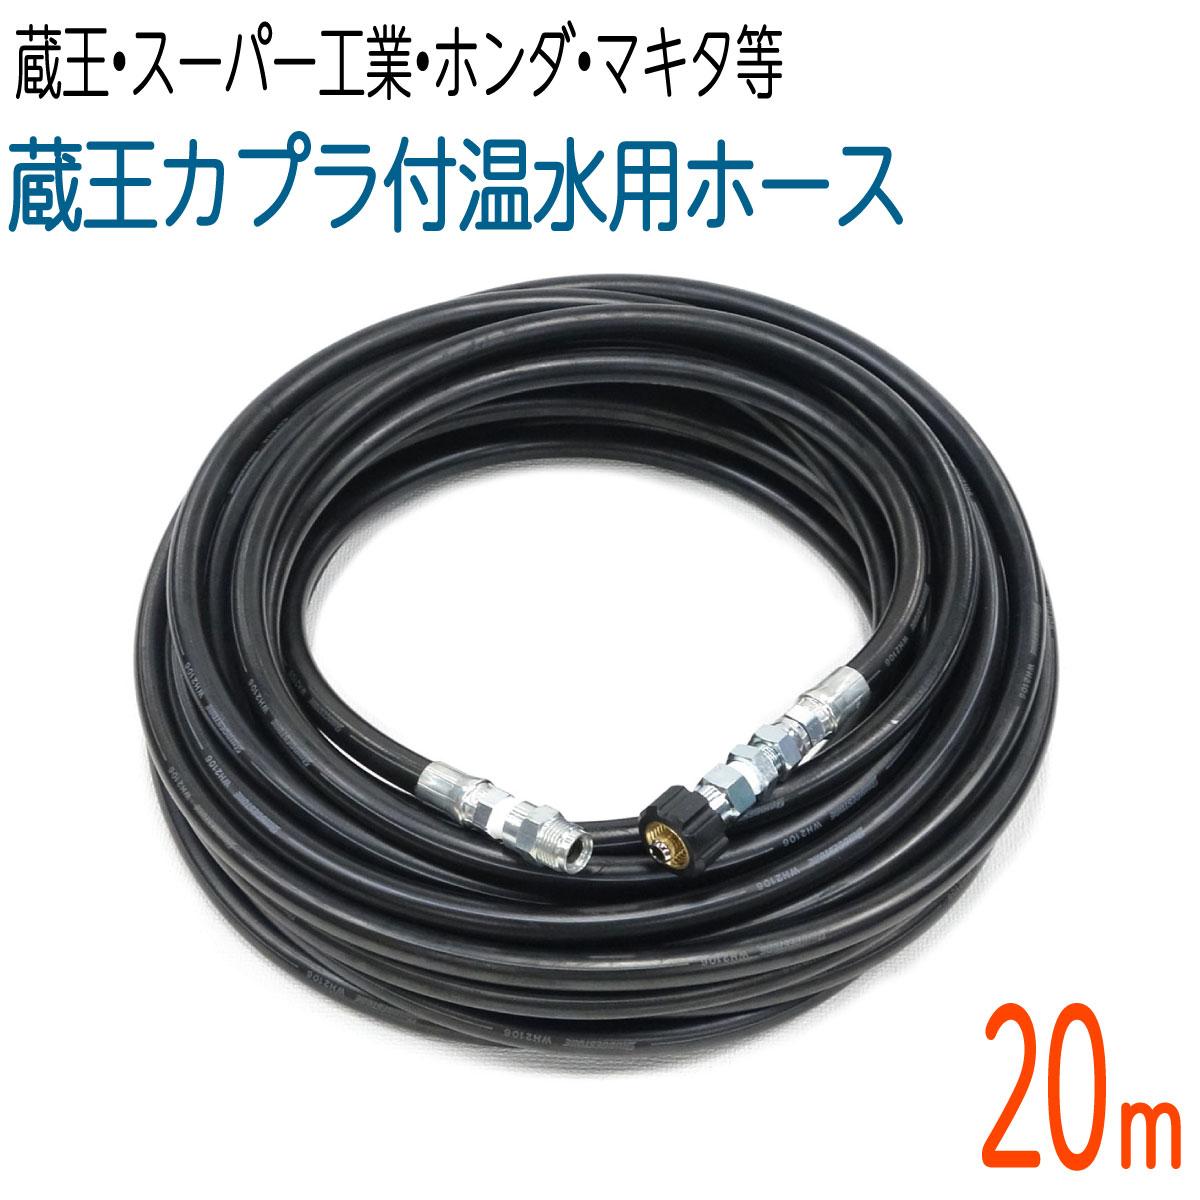 【20M】温水ホース蔵王産業(エンジン式)・スーパー工業対応カプラ付き